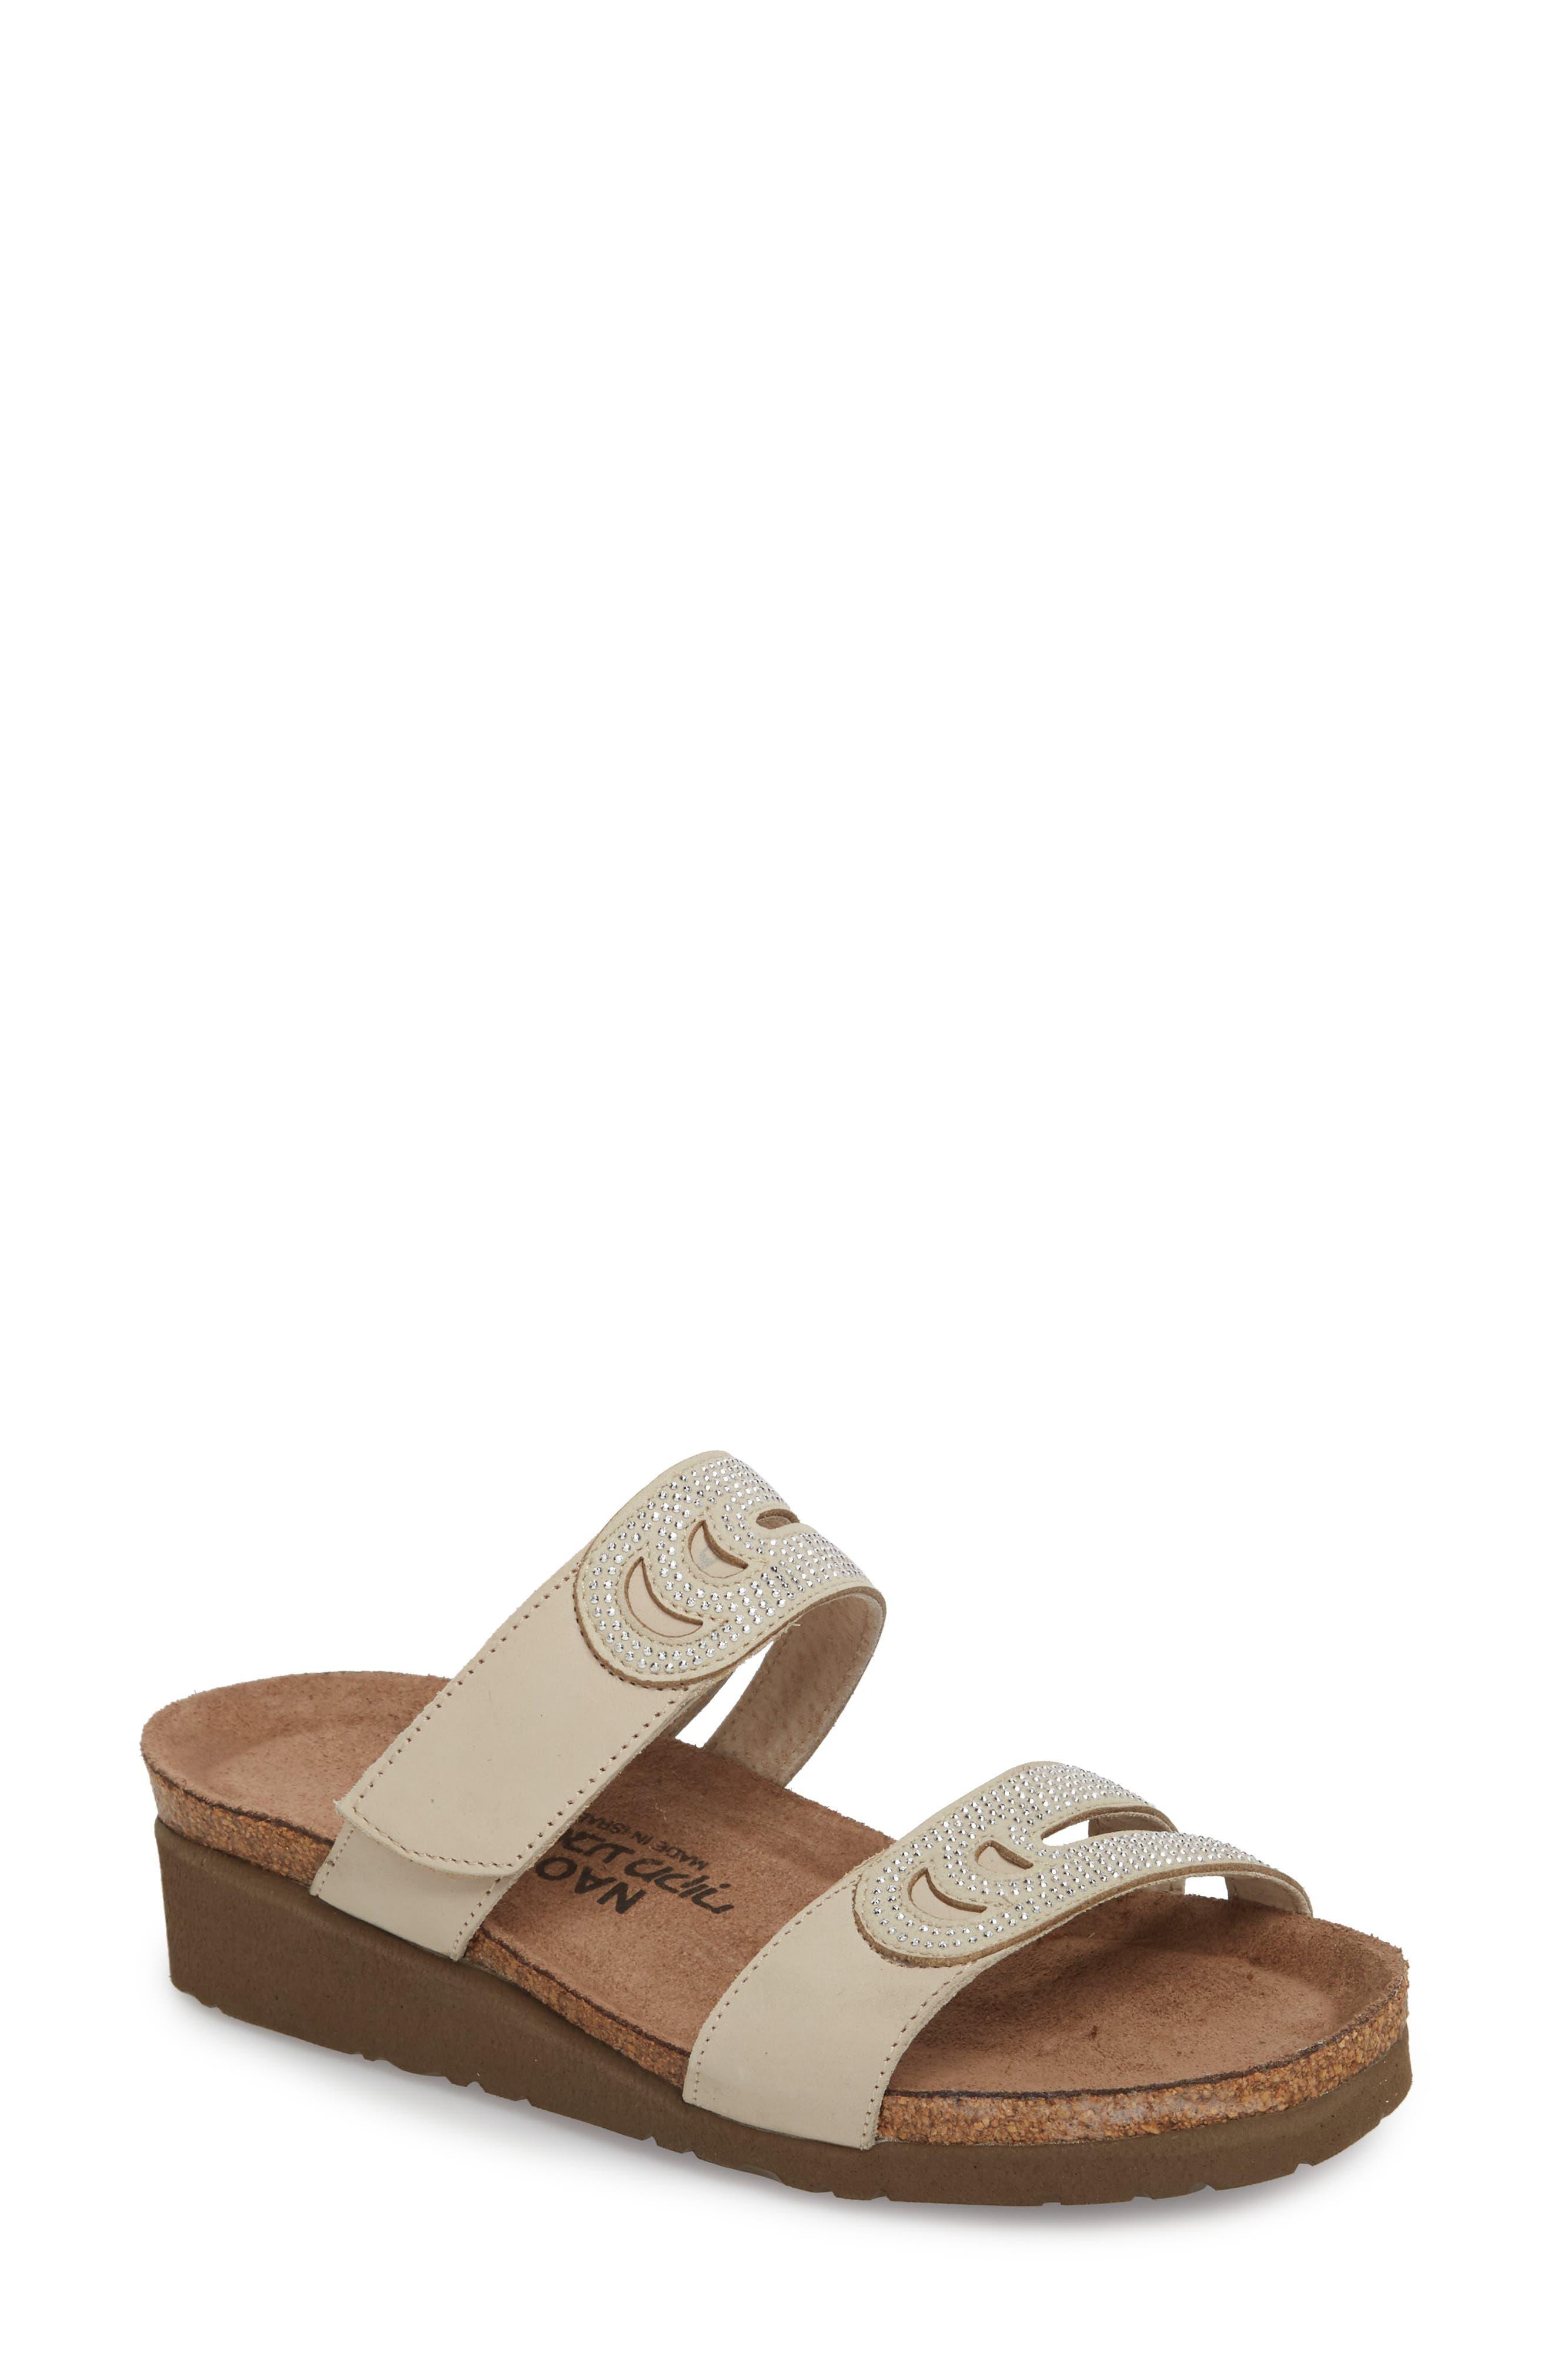 Alternate Image 1 Selected - Naot Ainsley Studded Slide Sandal (Women)